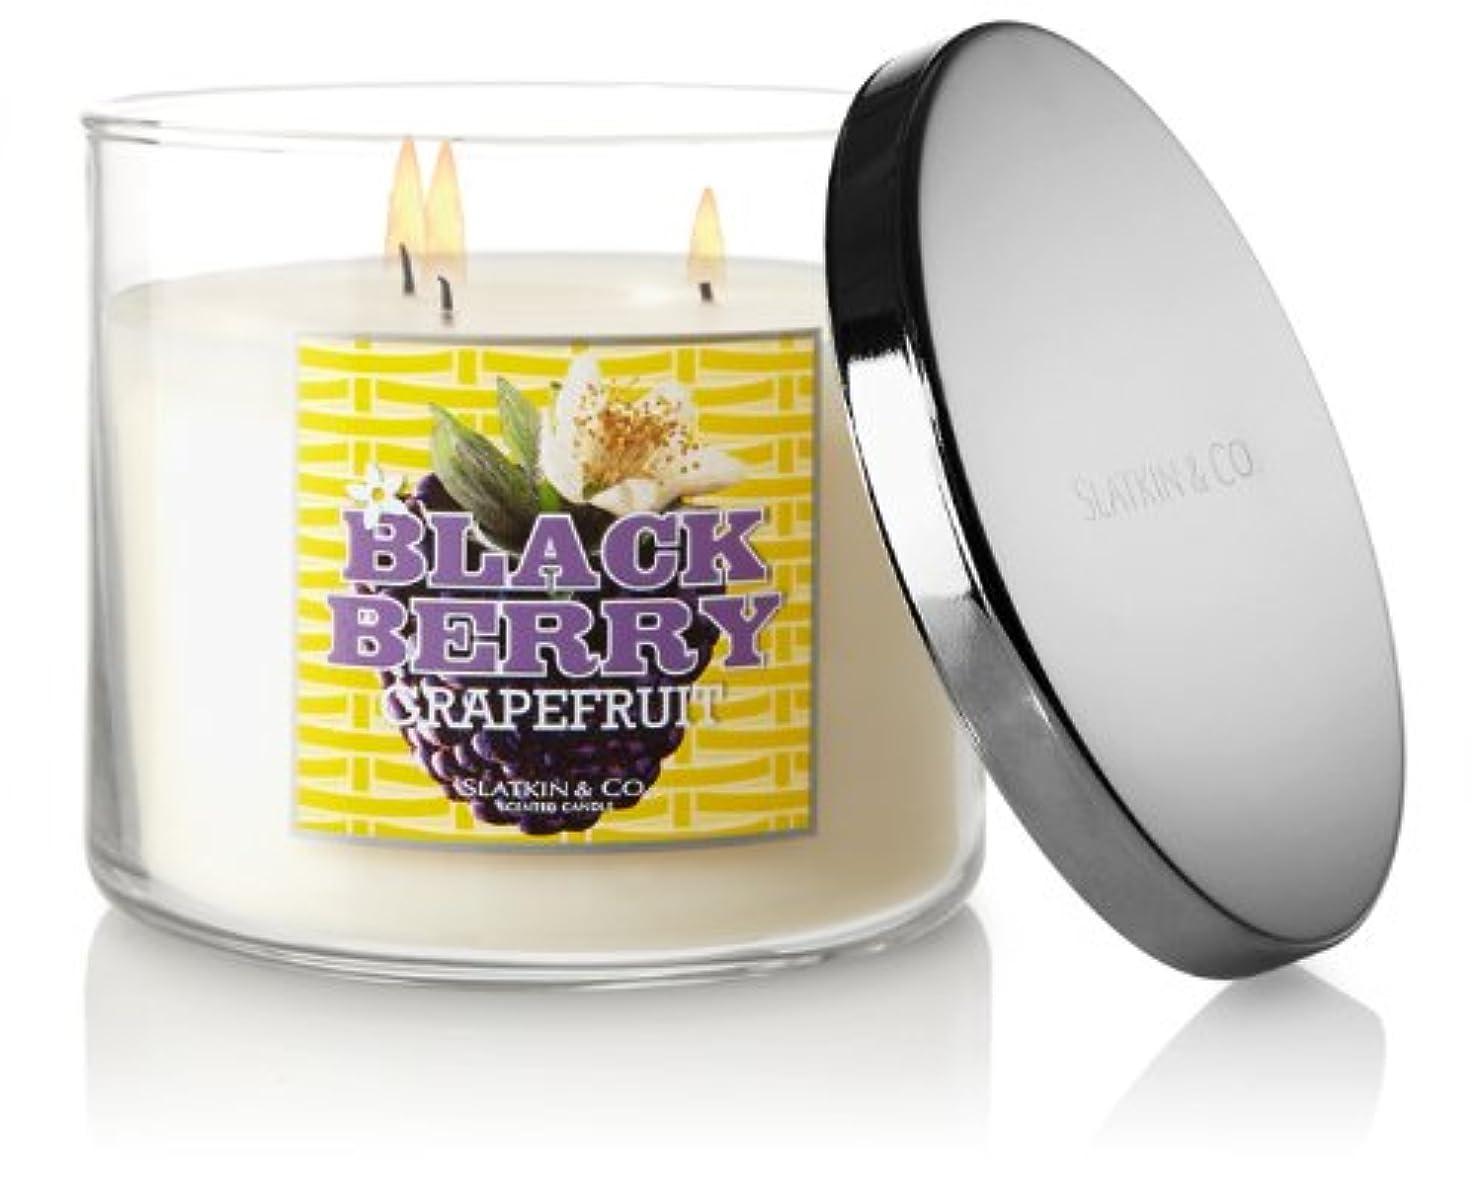 後明日世界記録のギネスブックSlatkin and Co。Blackberryグレープフルーツ3つWick 14.5オンスScented Candle – Bath & Body Works